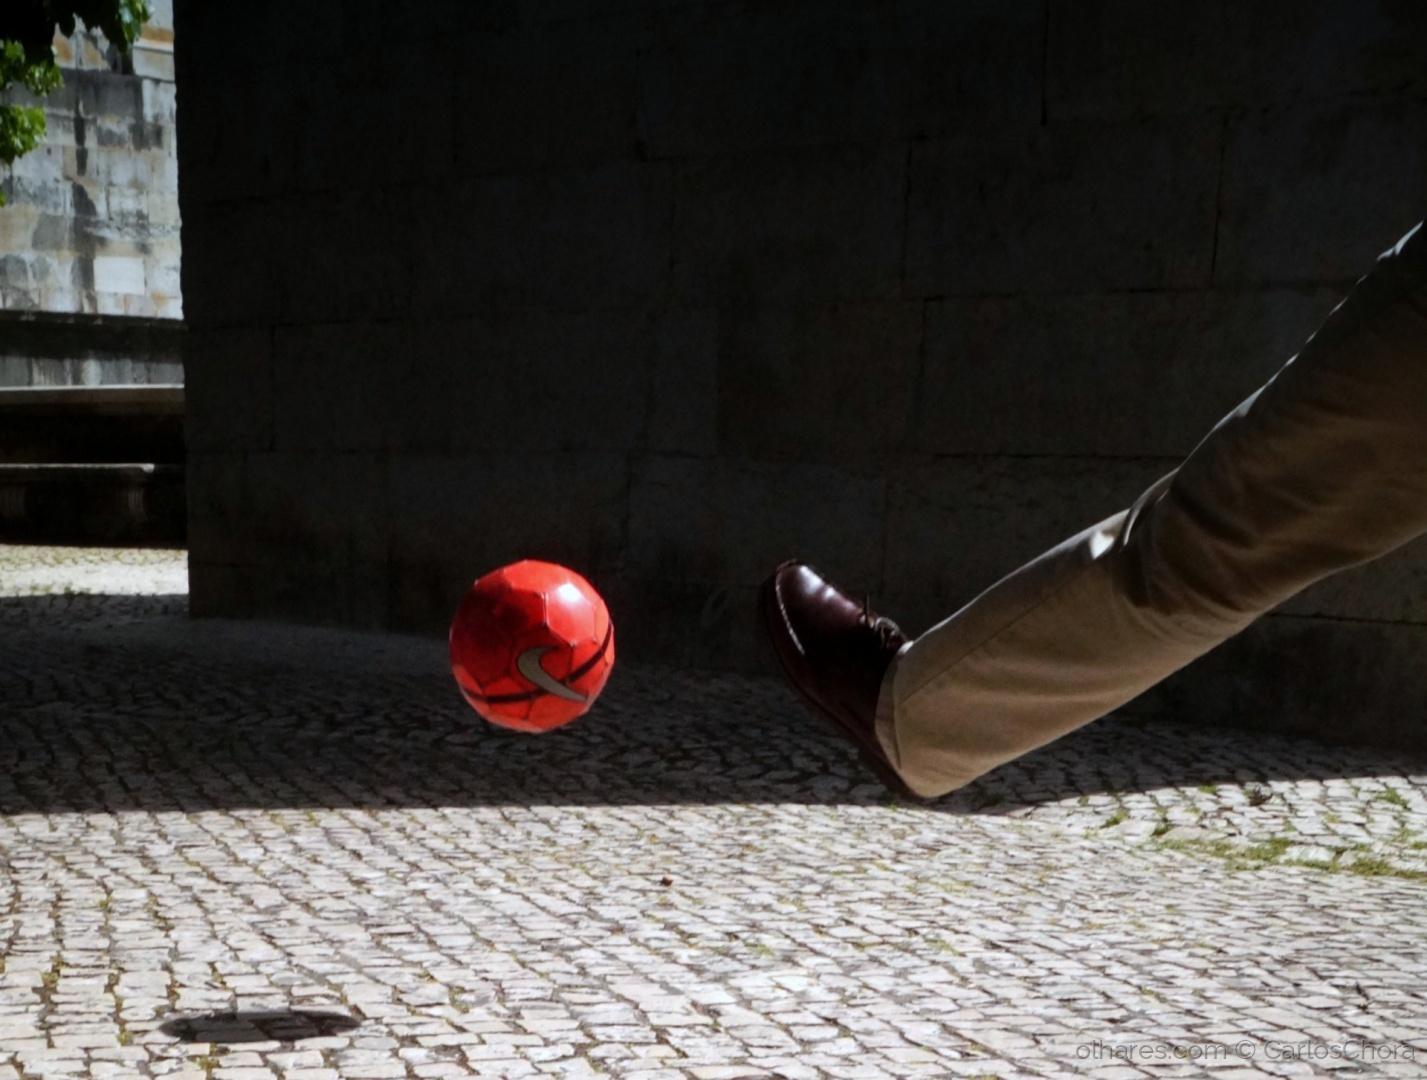 Desporto e Ação/O chuto